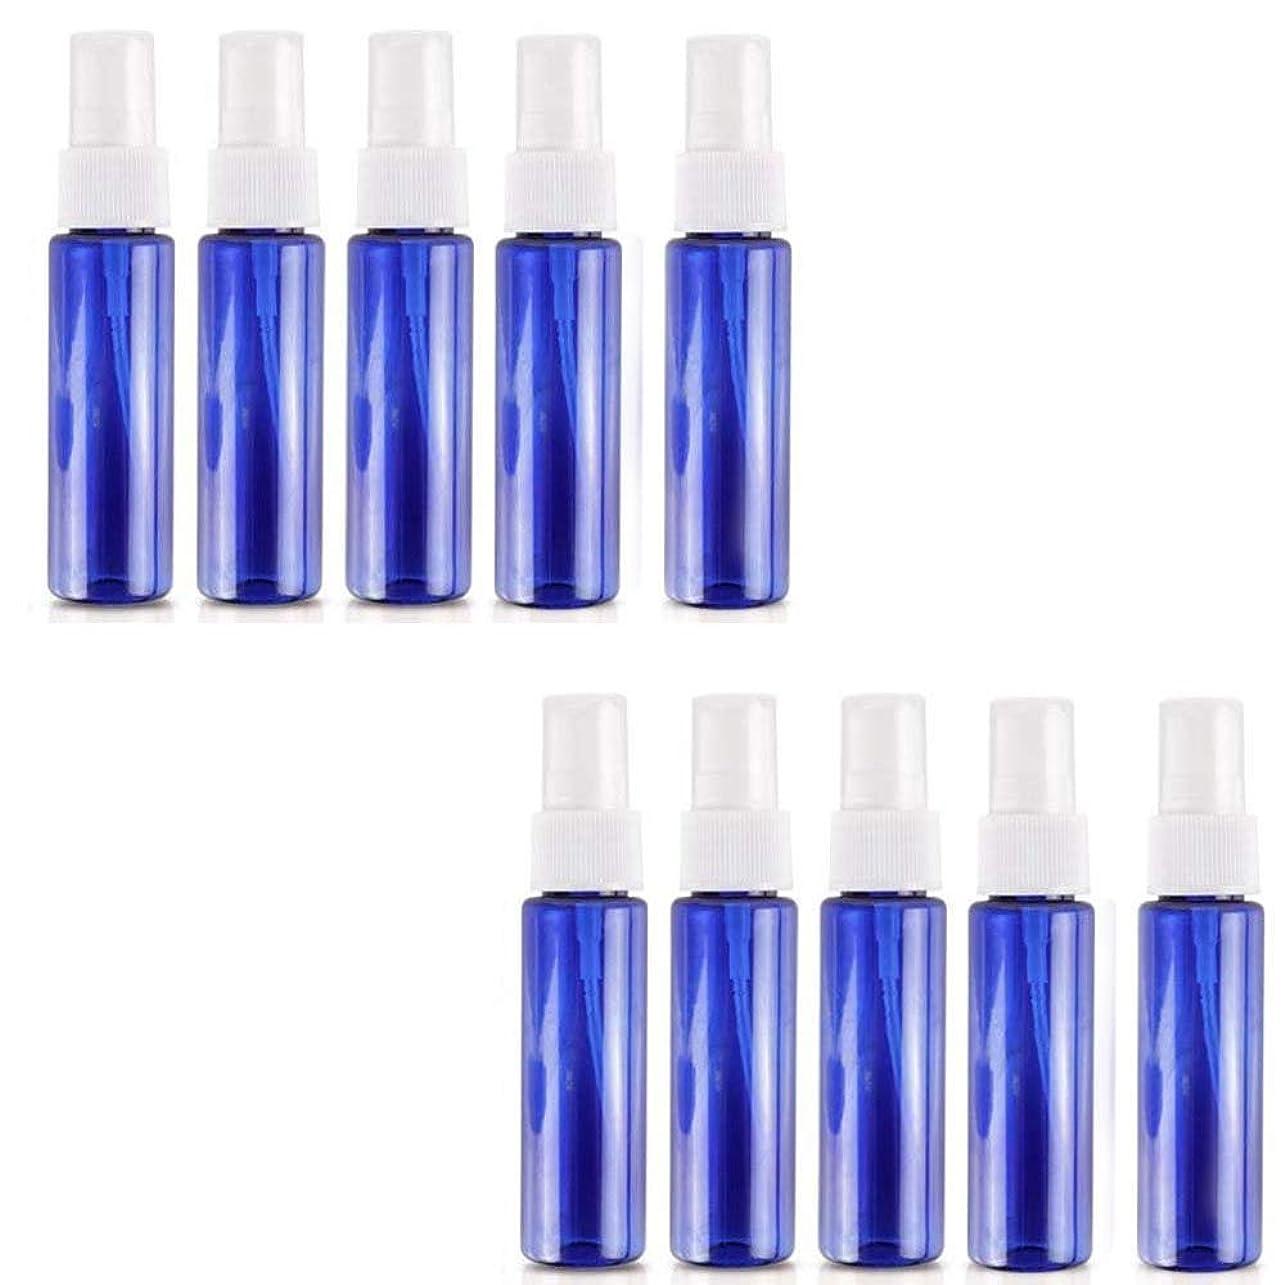 無駄な絶対の騙す30ML 遮光瓶スプレー 10本 アロマ虫除けスプレー プラスチック製 青